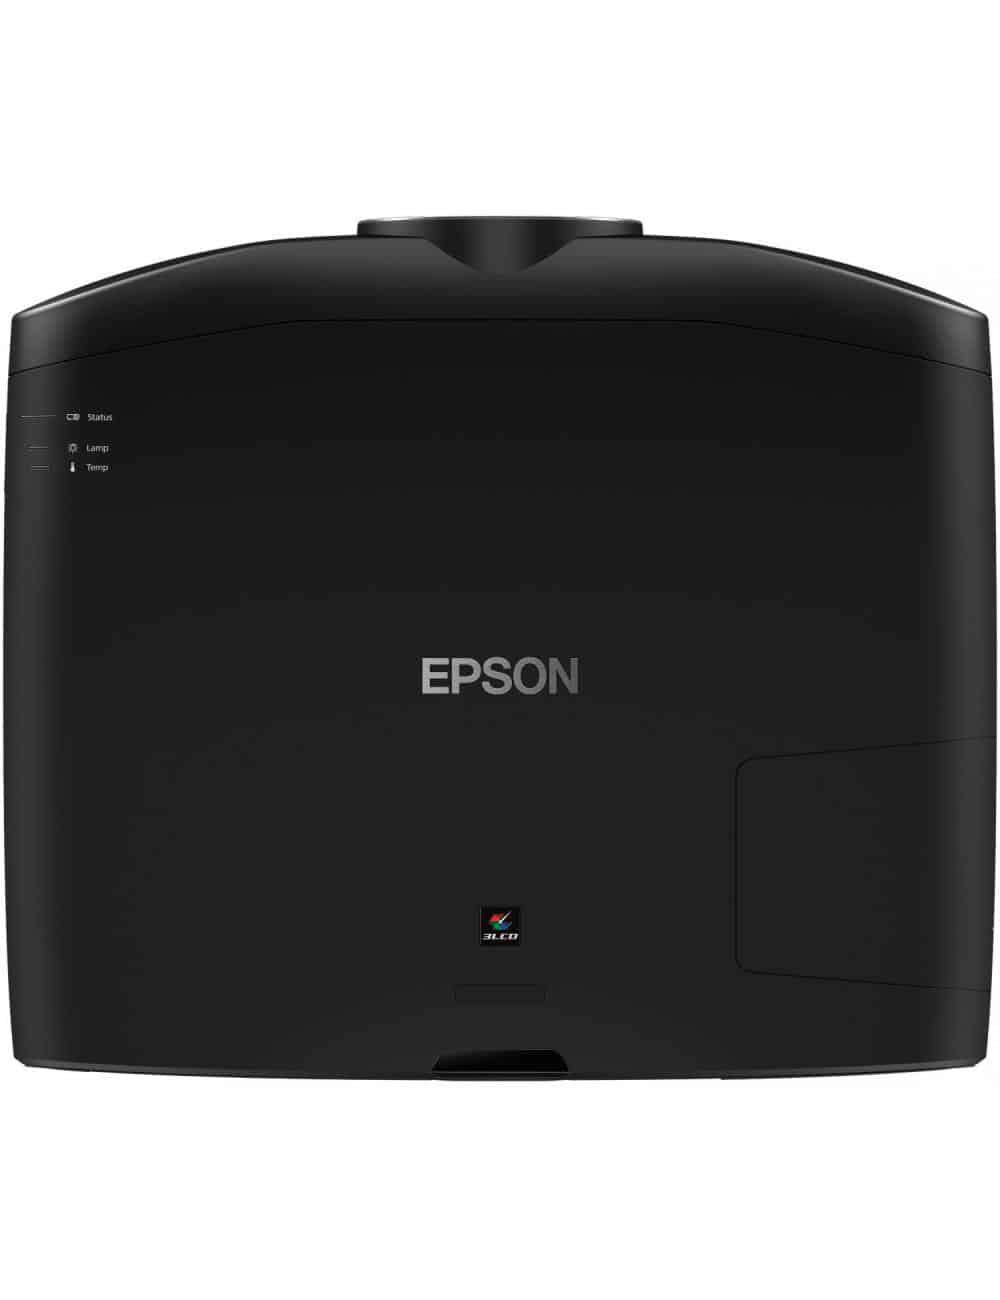 Proiettore UHD HDR per Home Cinema, Epson EH-TW9400, finitura black, vista superiore